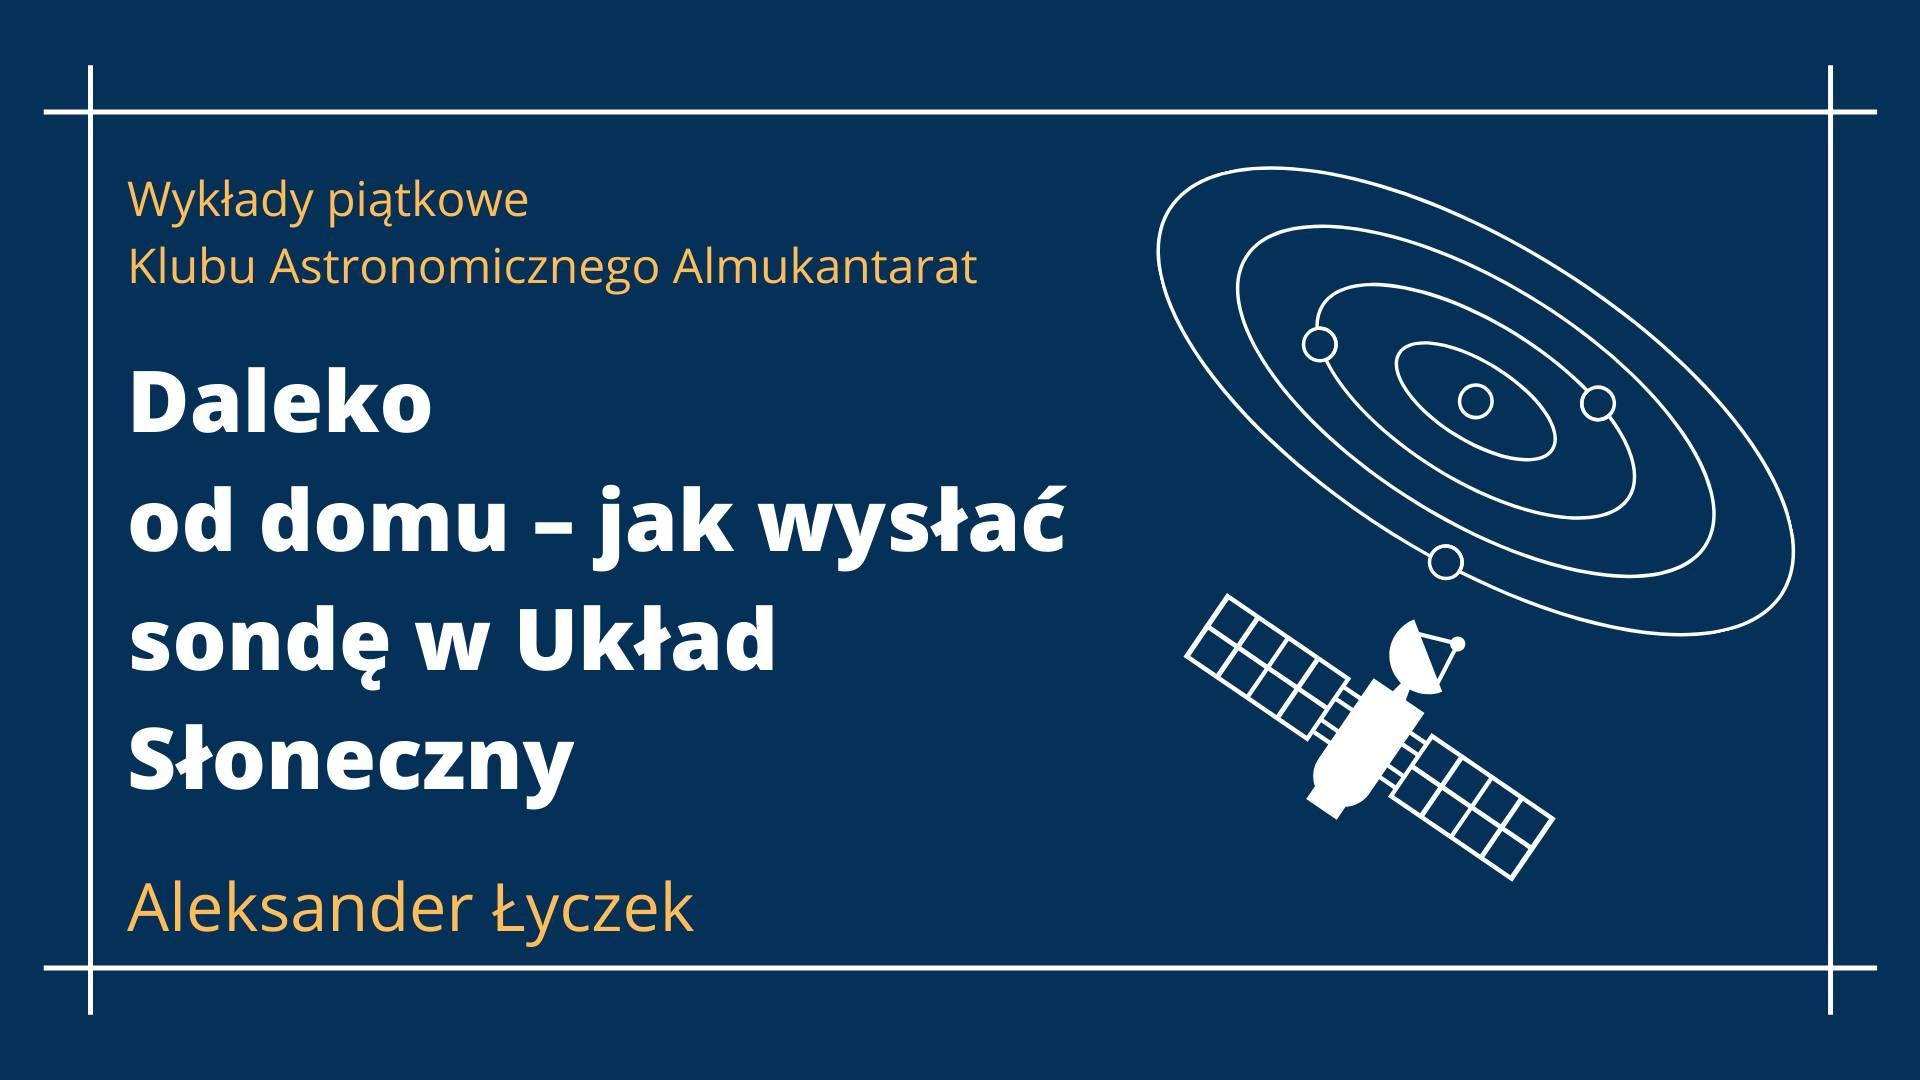 Wykład Daleko od domu - Jak wysłać sondę w Układ Słoneczny @ Online